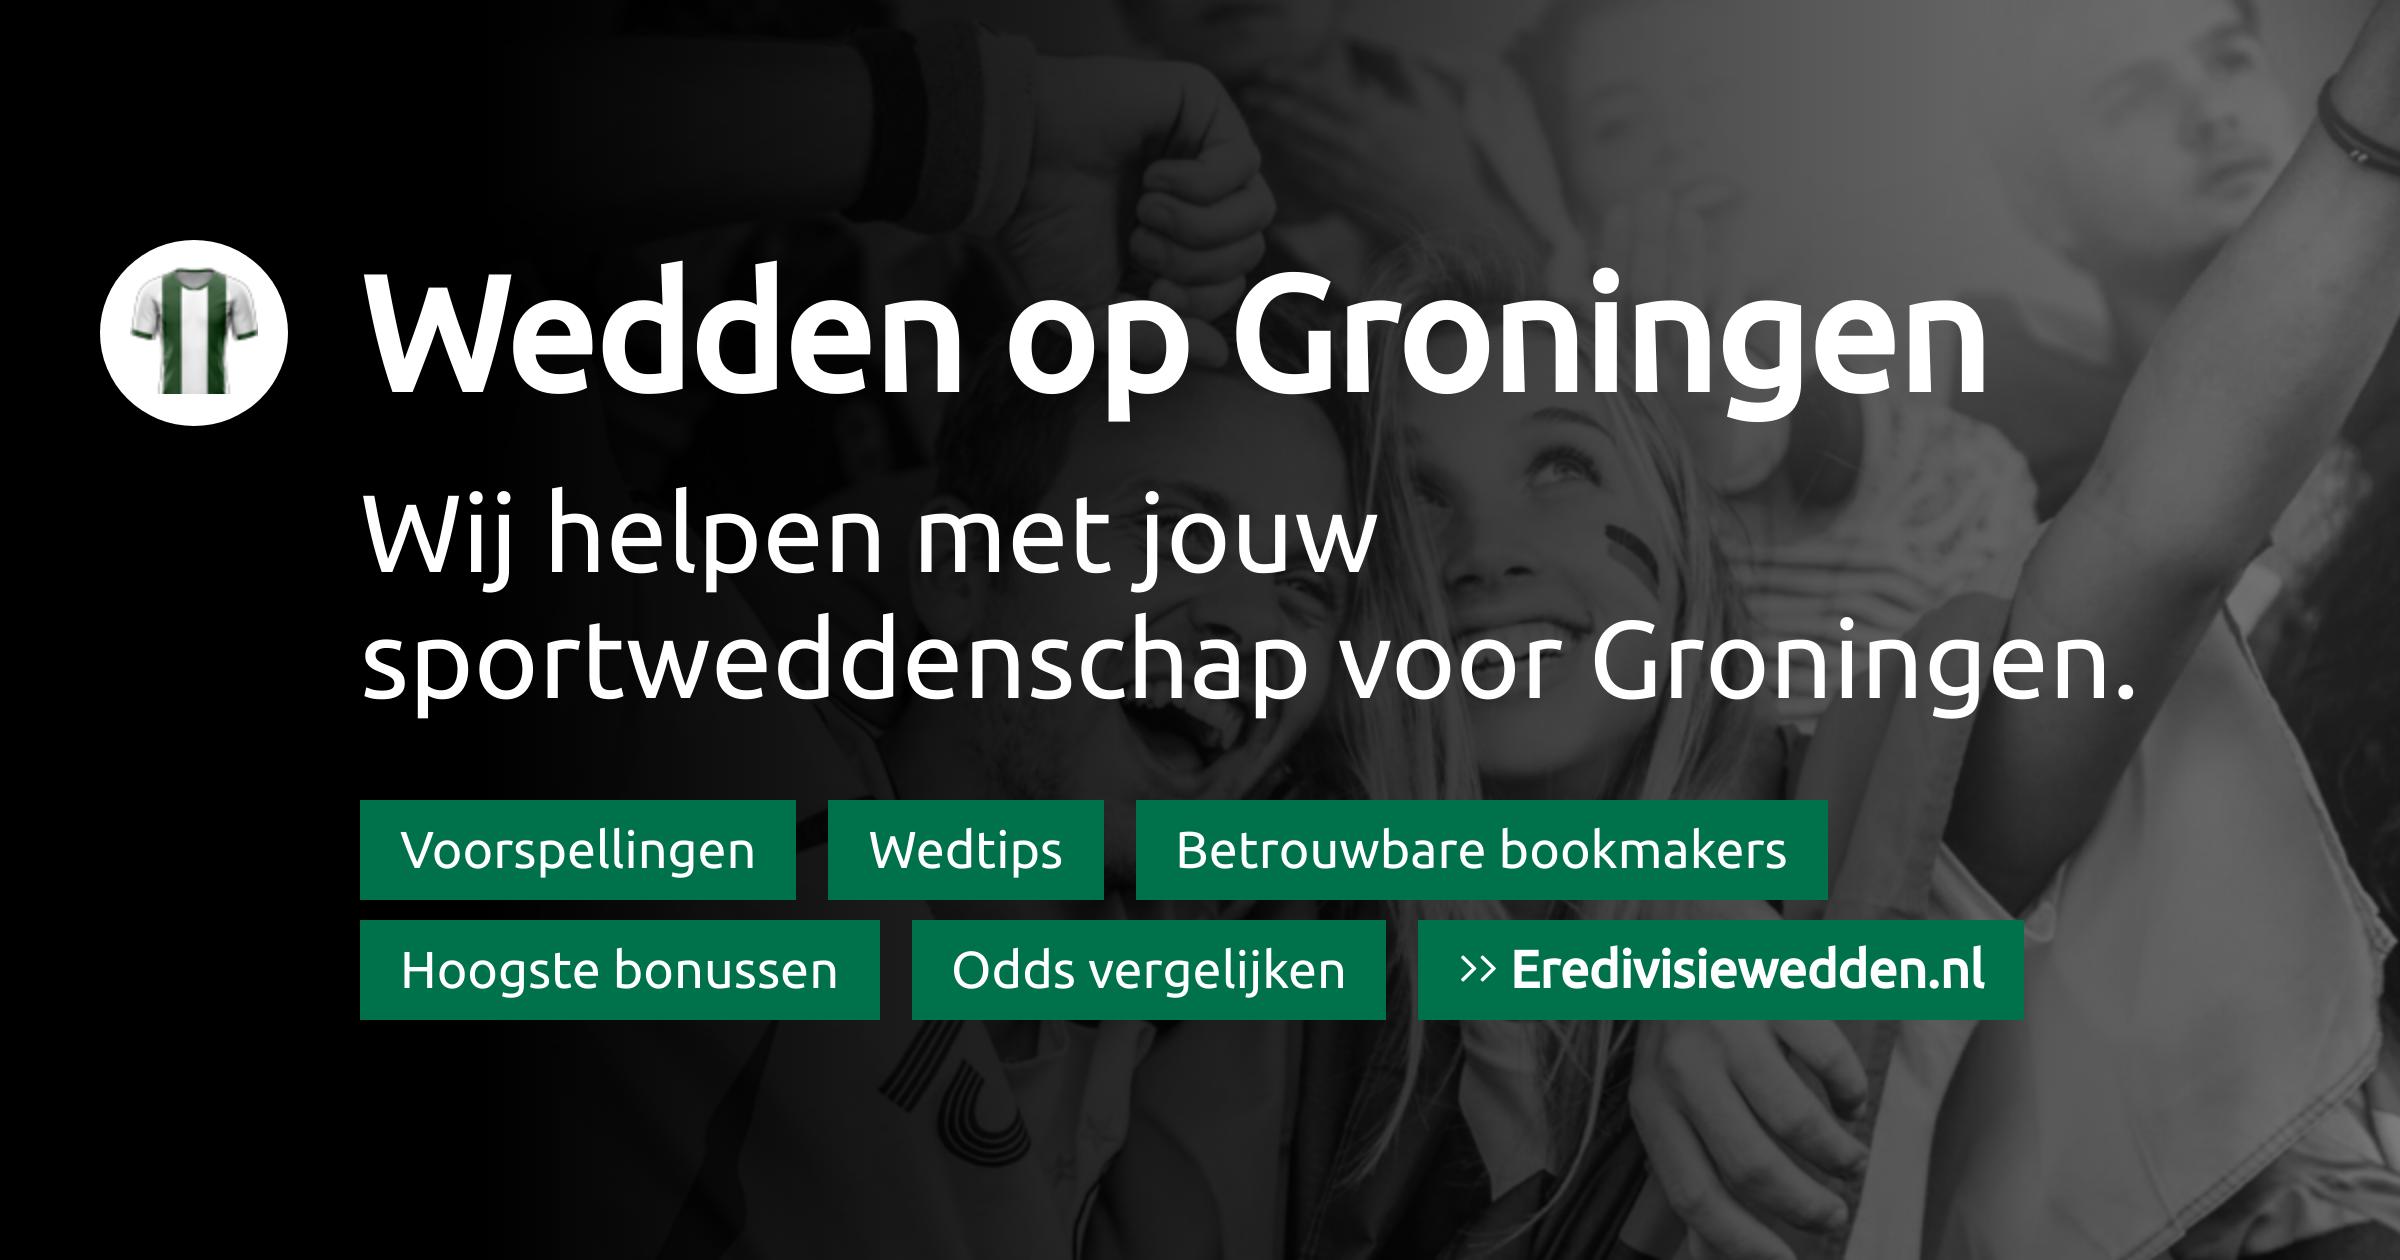 FC Groningen voorspellingen, promoties en bookmakers